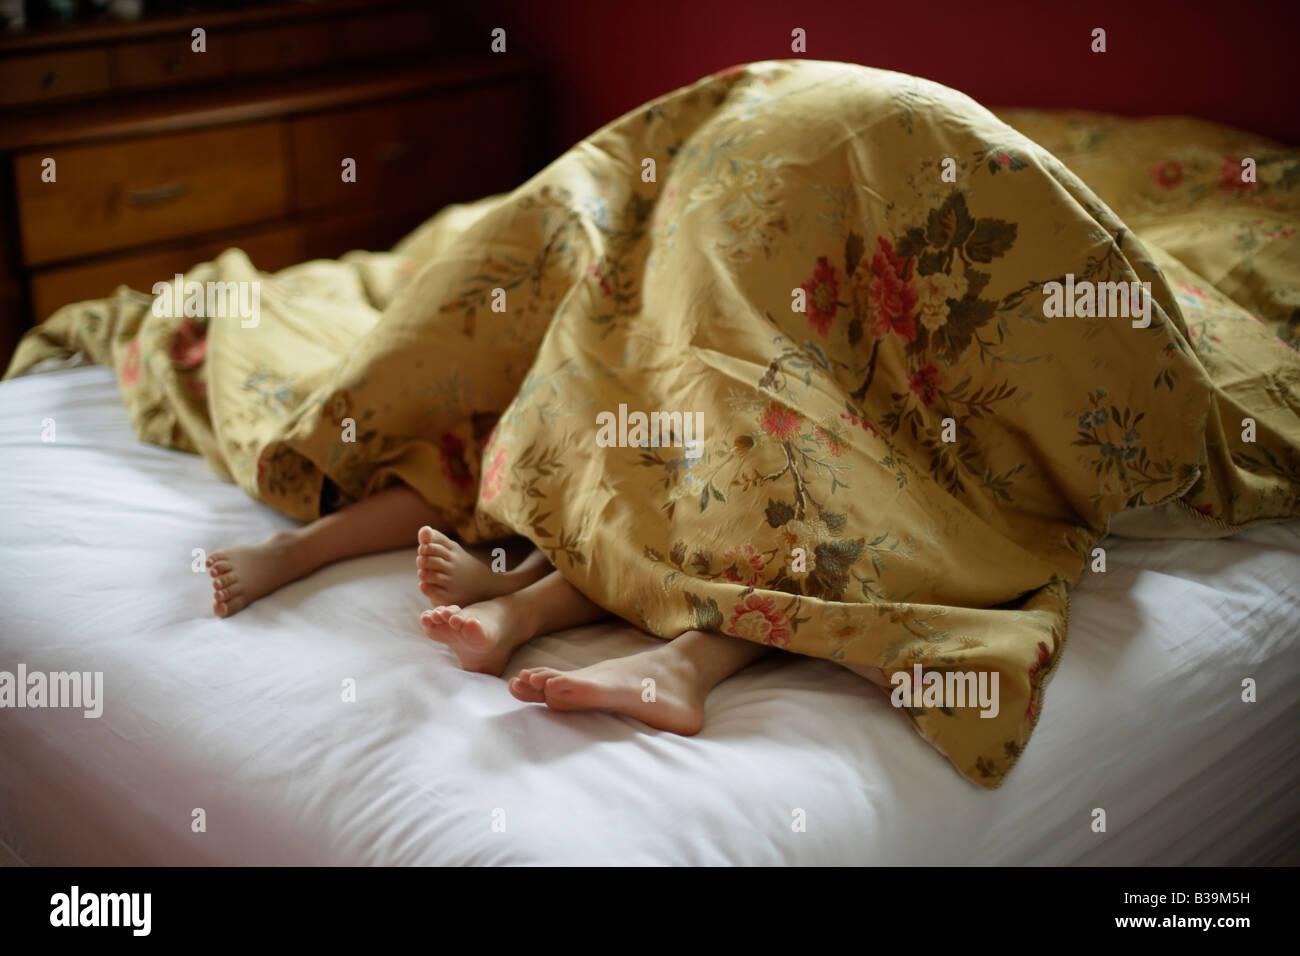 Frère et sœur sous les couvertures de lit parent Girl de 5 ans et garçon 6 Photo Stock